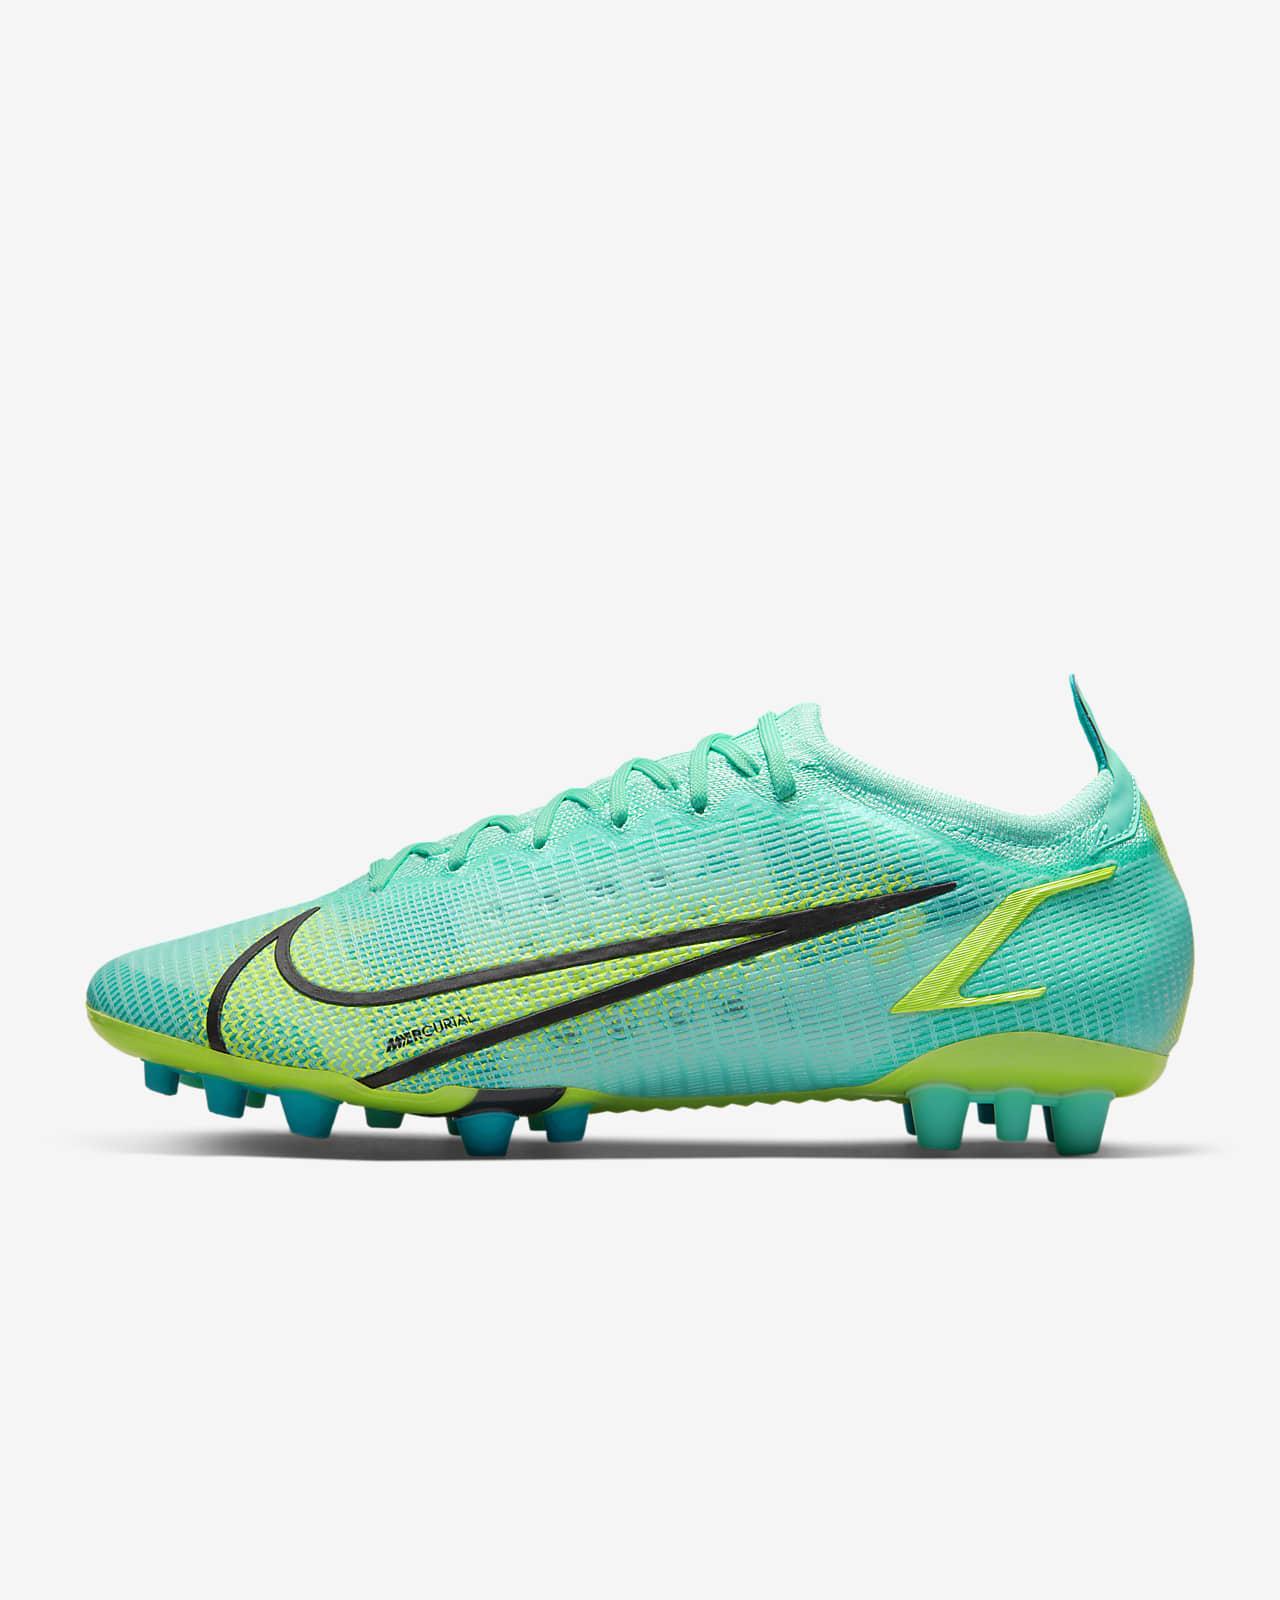 Calzado de fútbol para pasto artificial Nike Mercurial Vapor 14 Elite AG